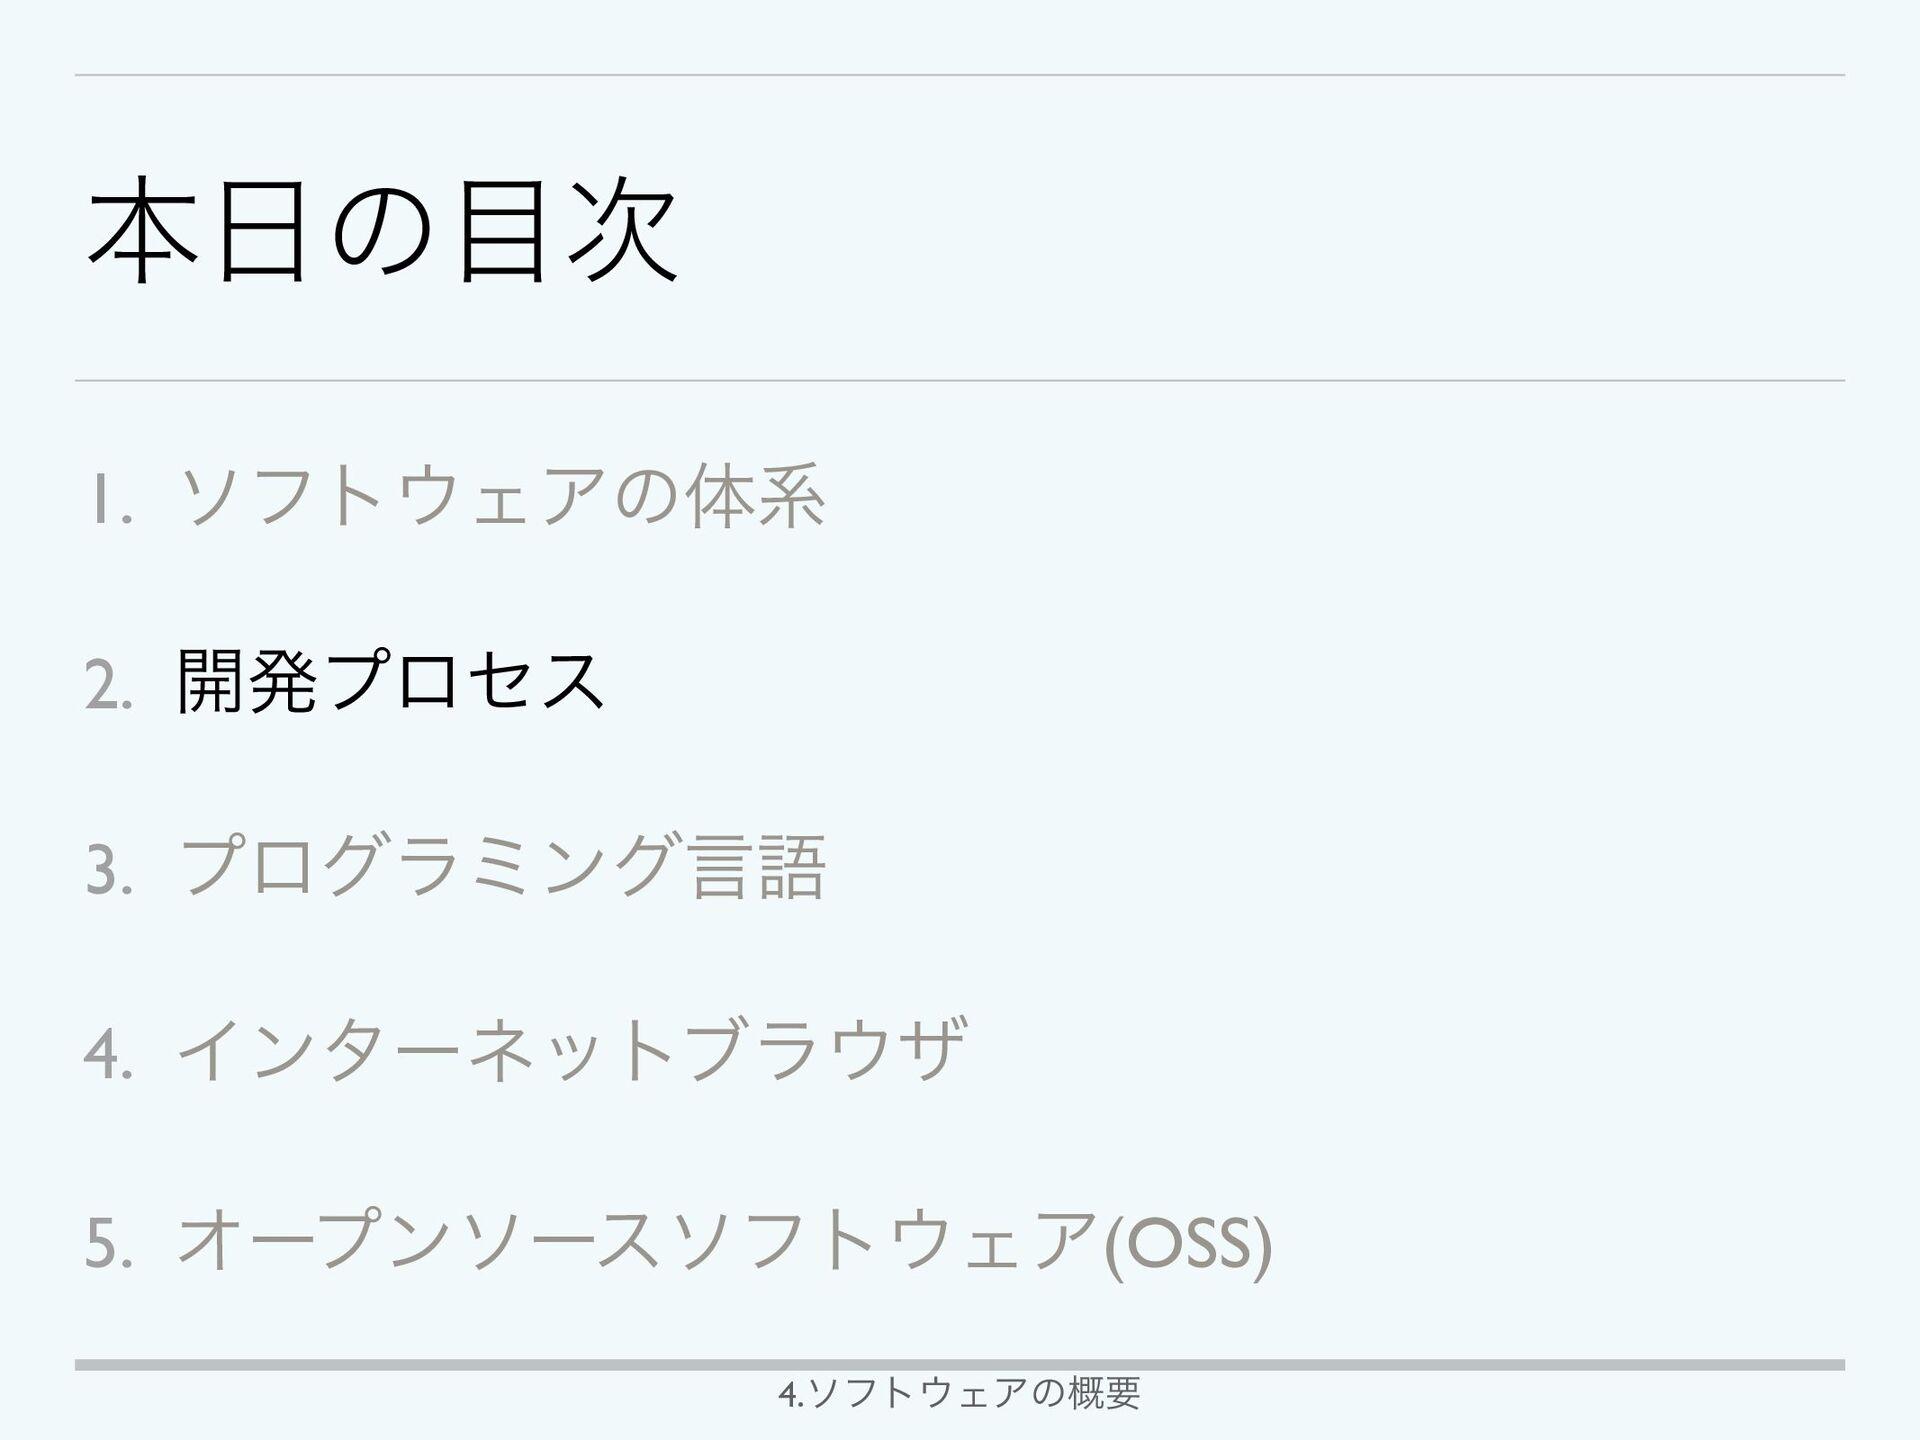 ιϑτΣΞͷମܥ 情報と職業4 ϑΝʔϜΣΞ ίϯϐϡʔλిࢠػثʹଁ͞Εɺͦͷϋʔυ...